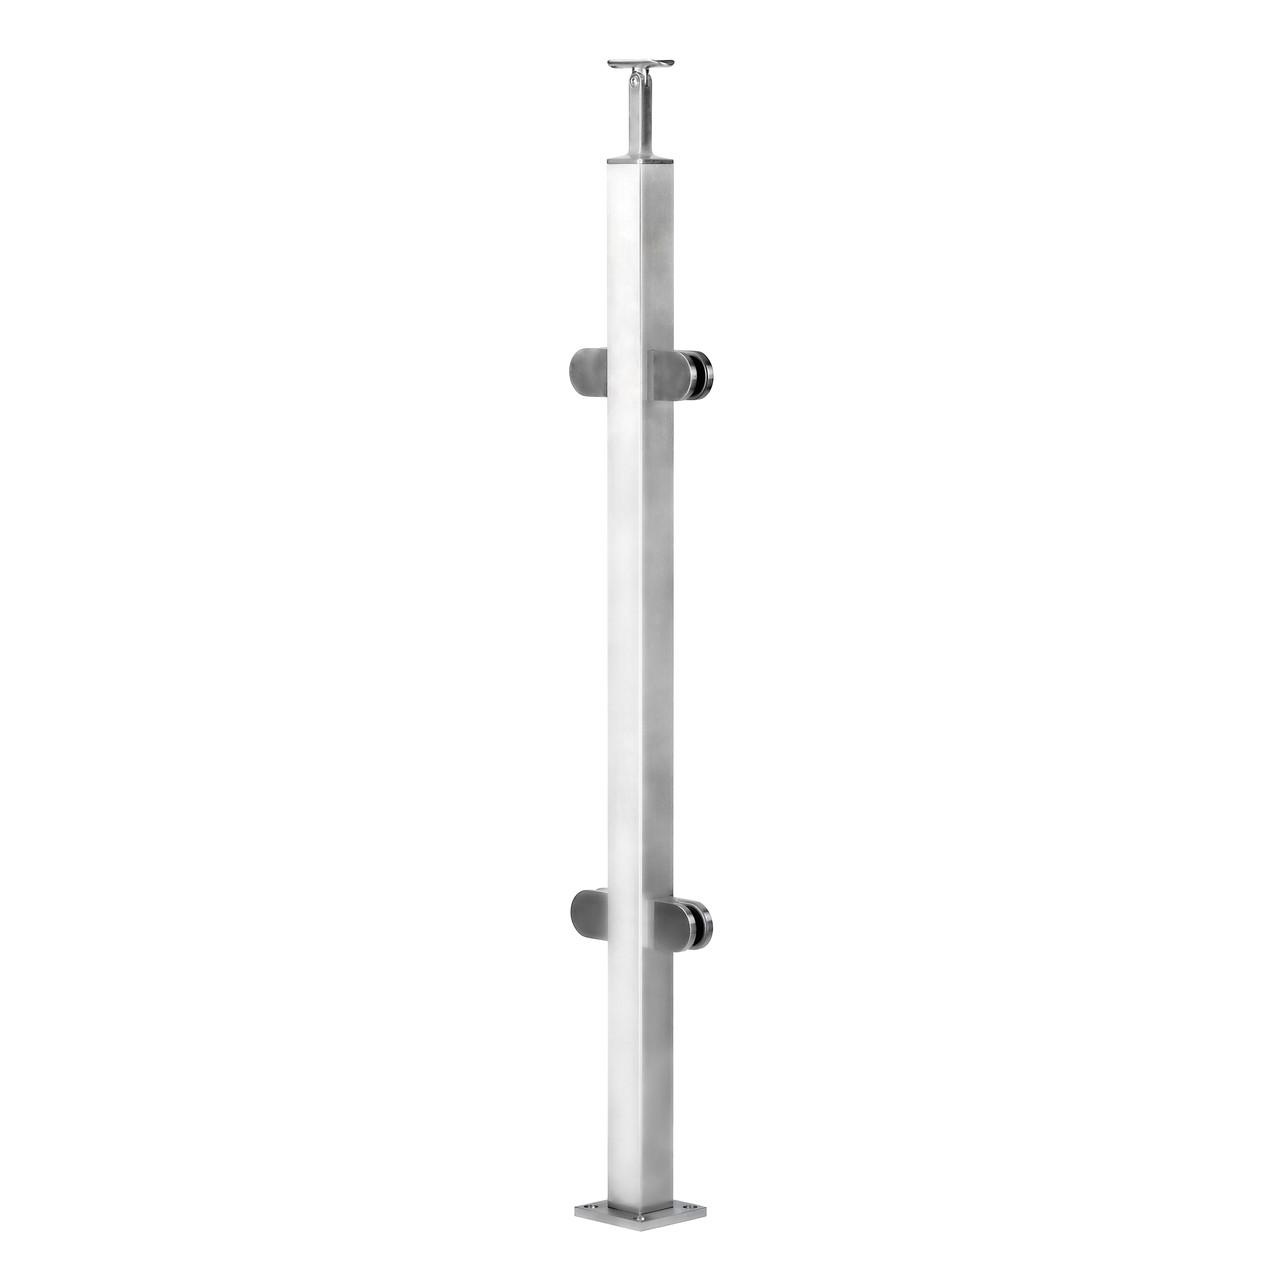 ODF-19-01-01-H1060 Середня стійка огорожі під скляне наповнення і круглий поручень діаметром 42,4 мм